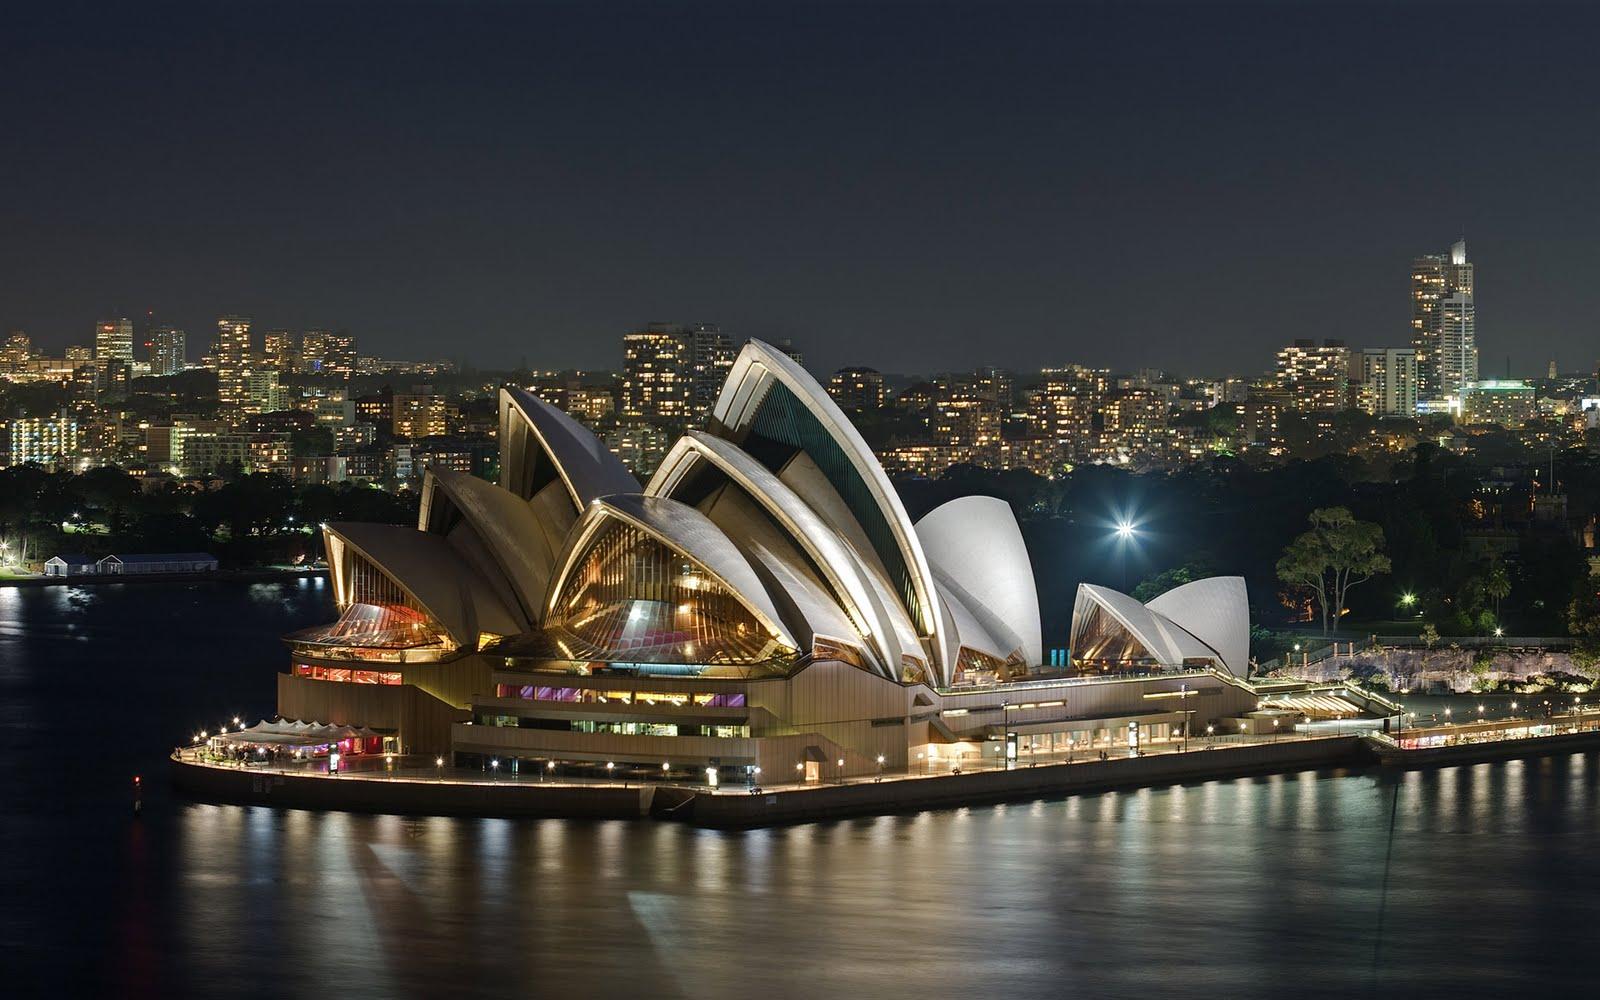 Visum genehmigt - Australien kann kommen